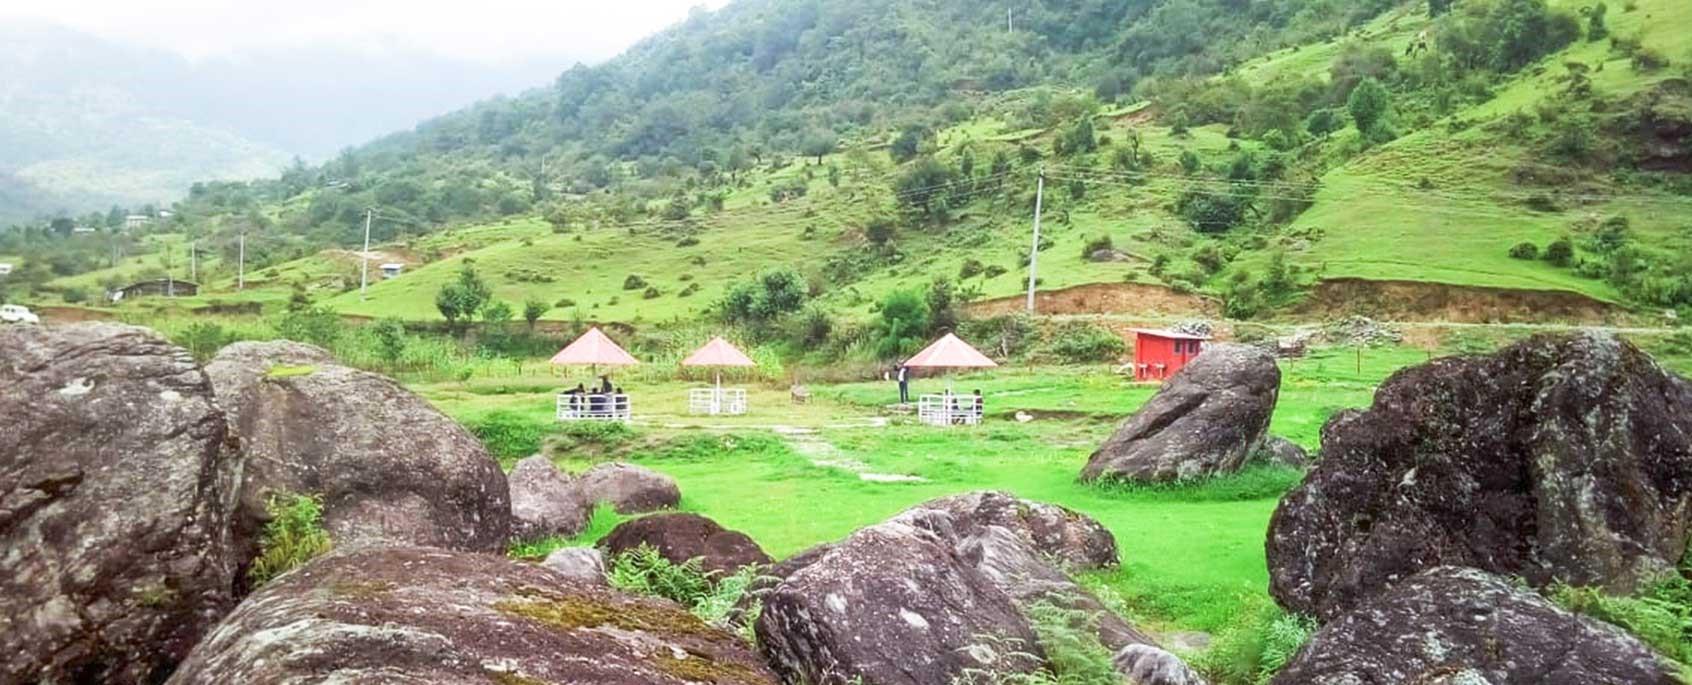 नेपालमा इकोलोजिकल हब्स पार्क निर्माण गरिने